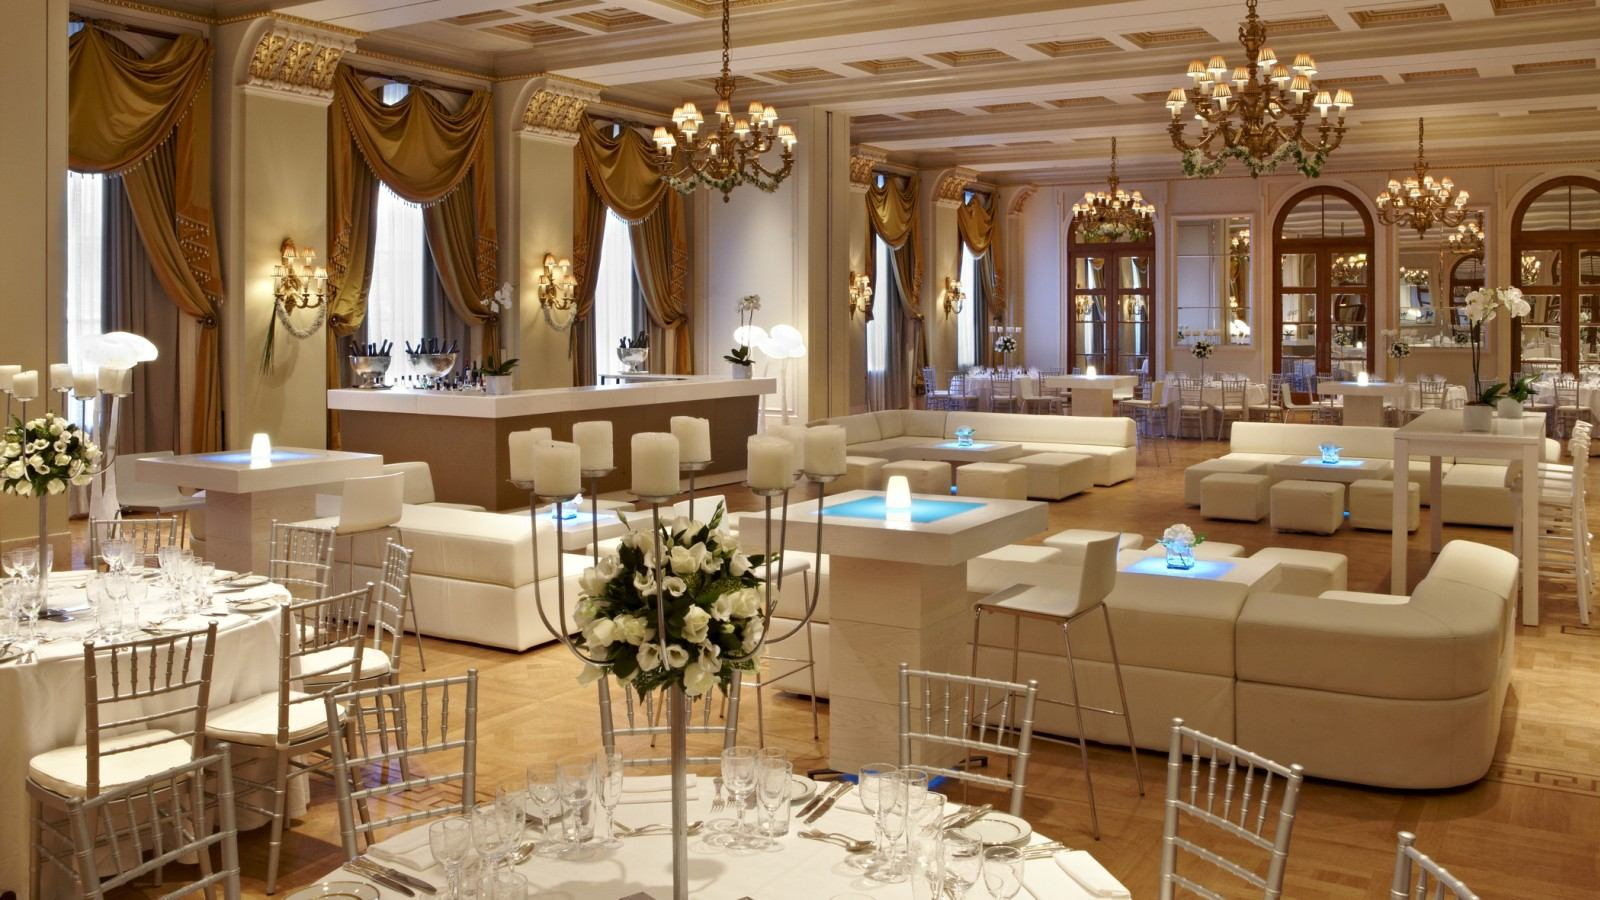 thiết kế khách sạn cổ điển cao cấp sang trọng nhất 3